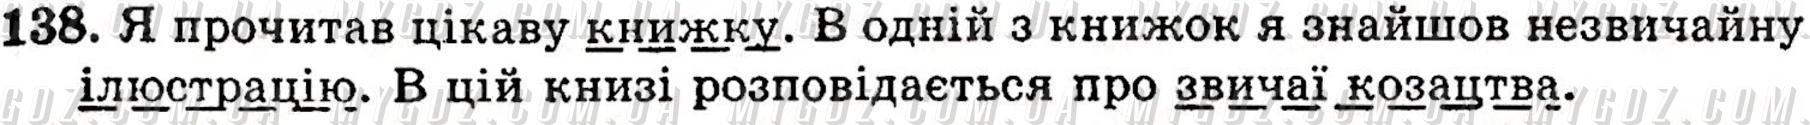 ГДЗ номер 138 до підручника з української мови Глазова, Кузнецов 5 клас